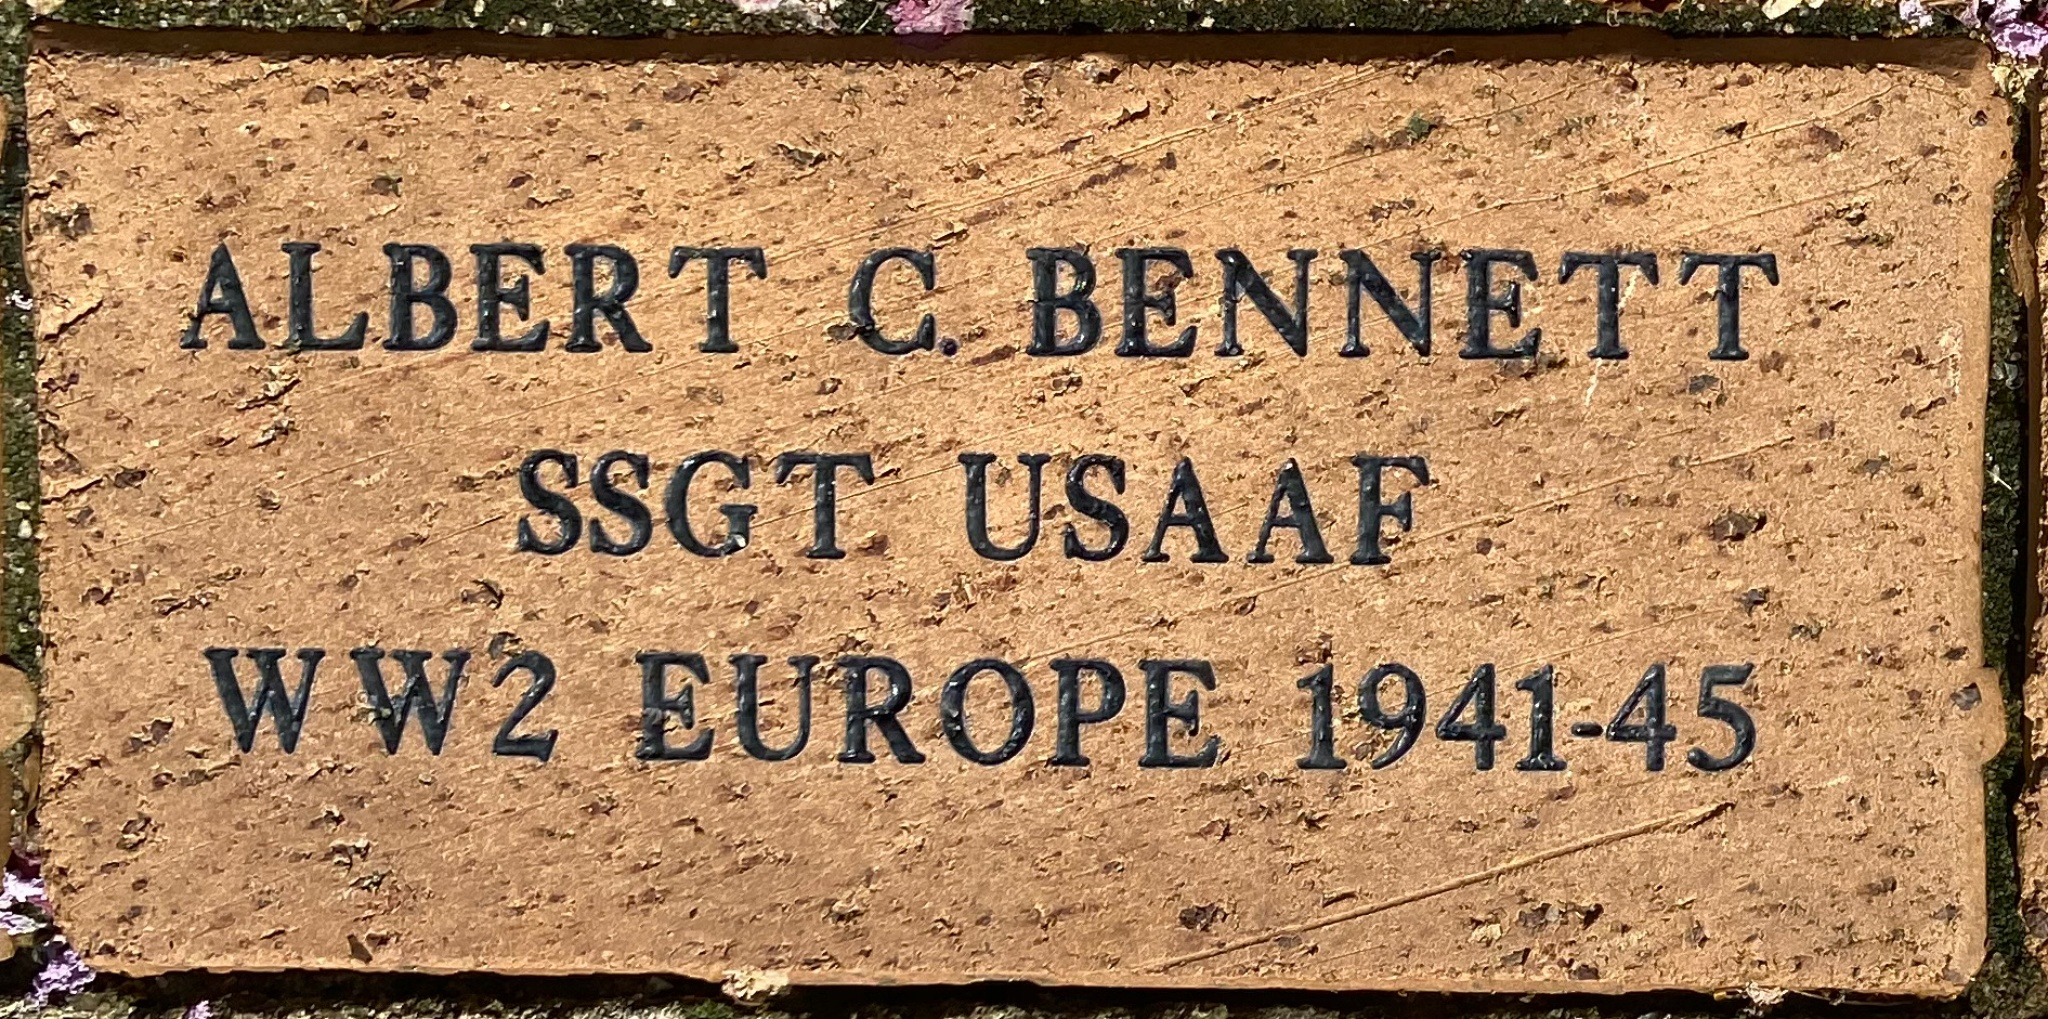 ALBERT C. BENNETT SSGT USAAF WW2 EUROPE 1941-1945